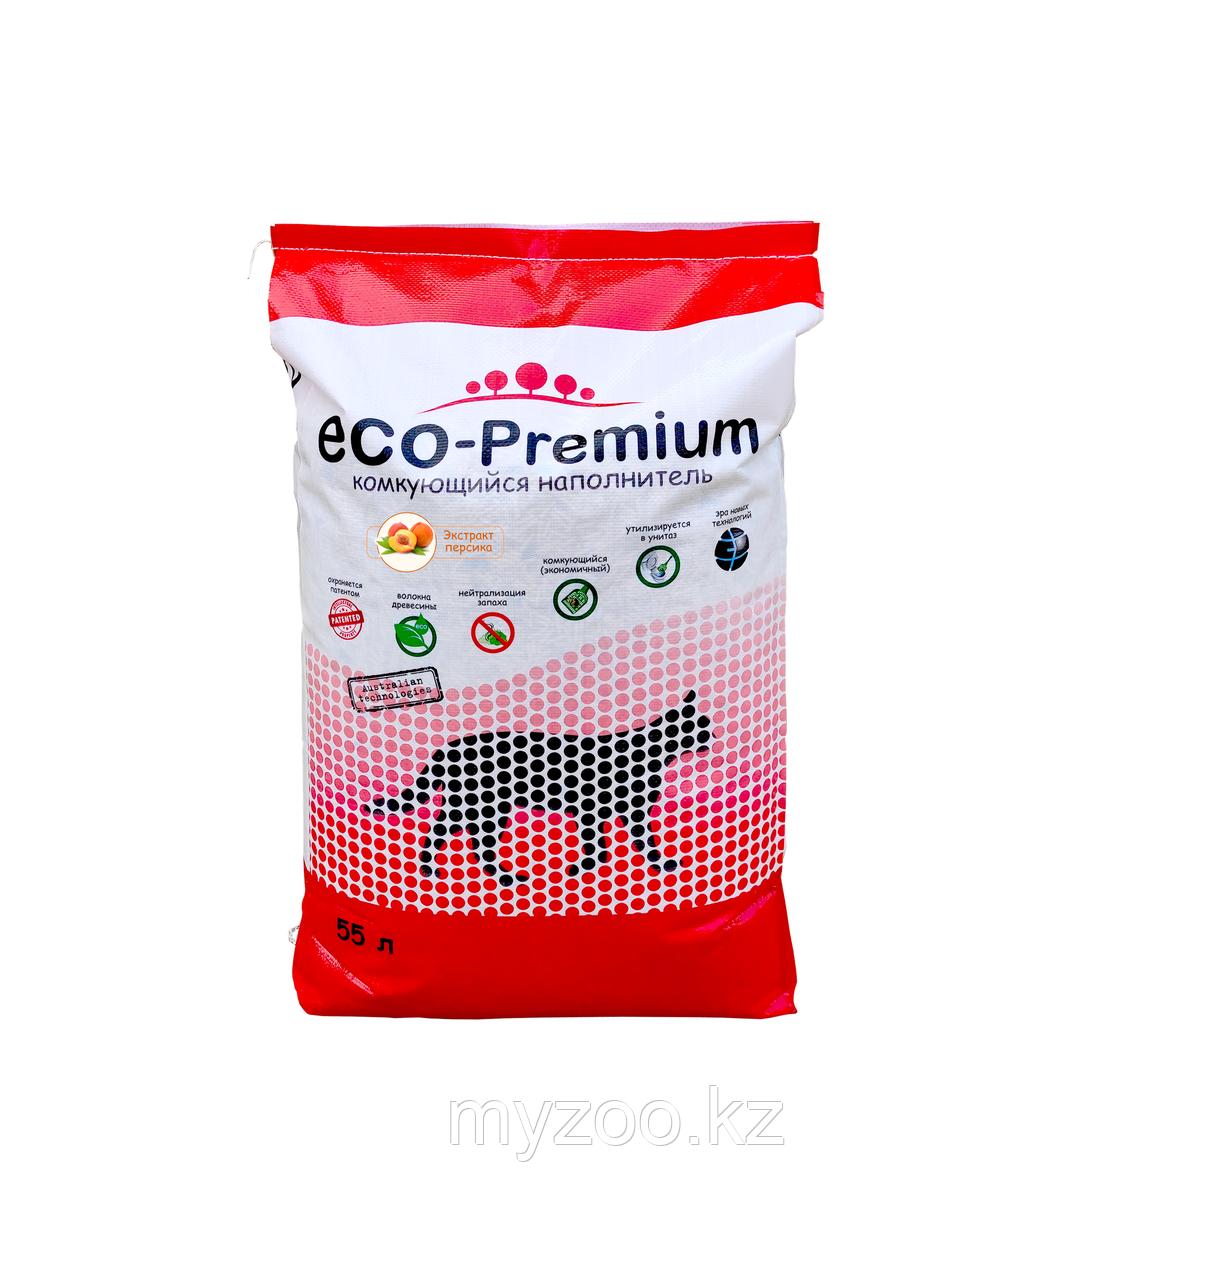 ECO-Premium Персик, 55 л - 20 кг  Эко-премиум комкующийся древесный наполнитель 